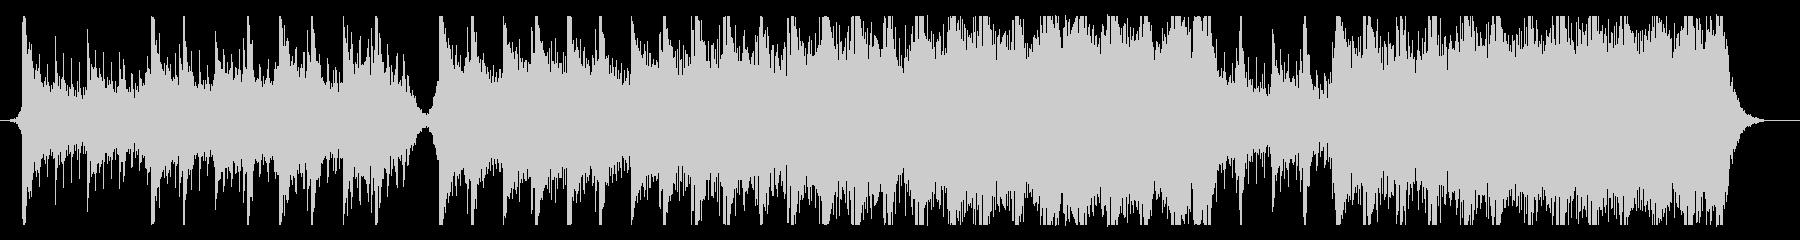 ハリウッド映画風の壮大なオーケストラ9の未再生の波形